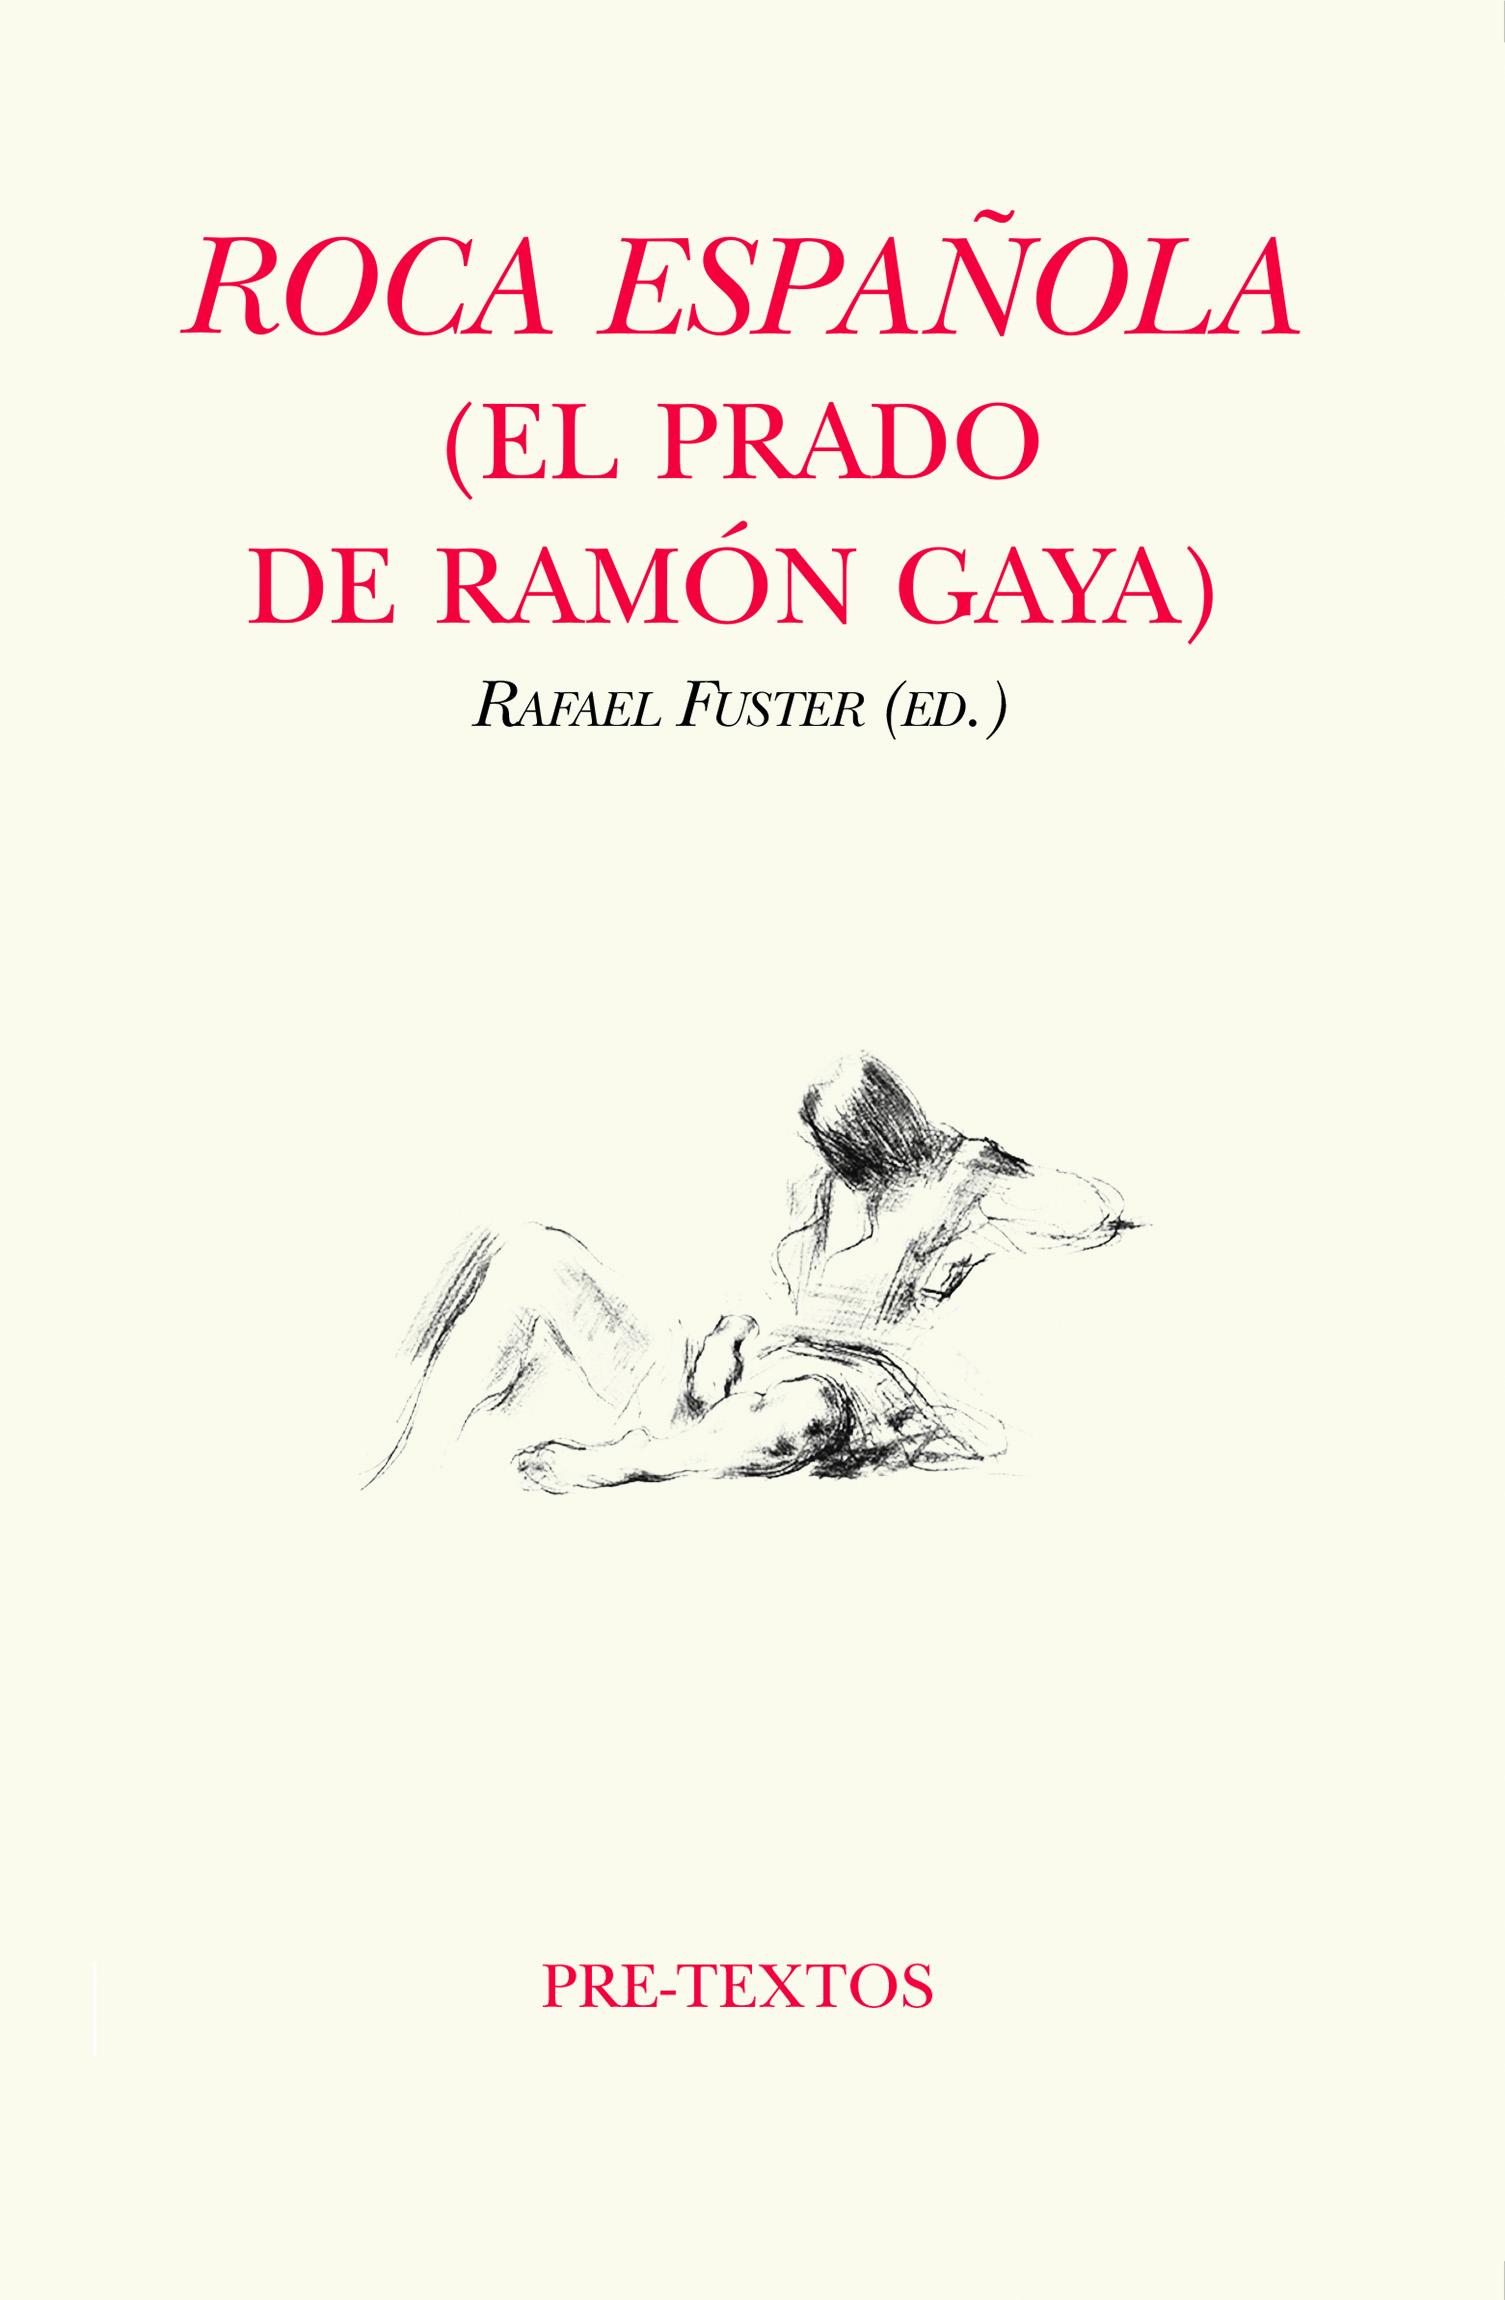 Roca española   «(El prado de Ramón Gaya)»